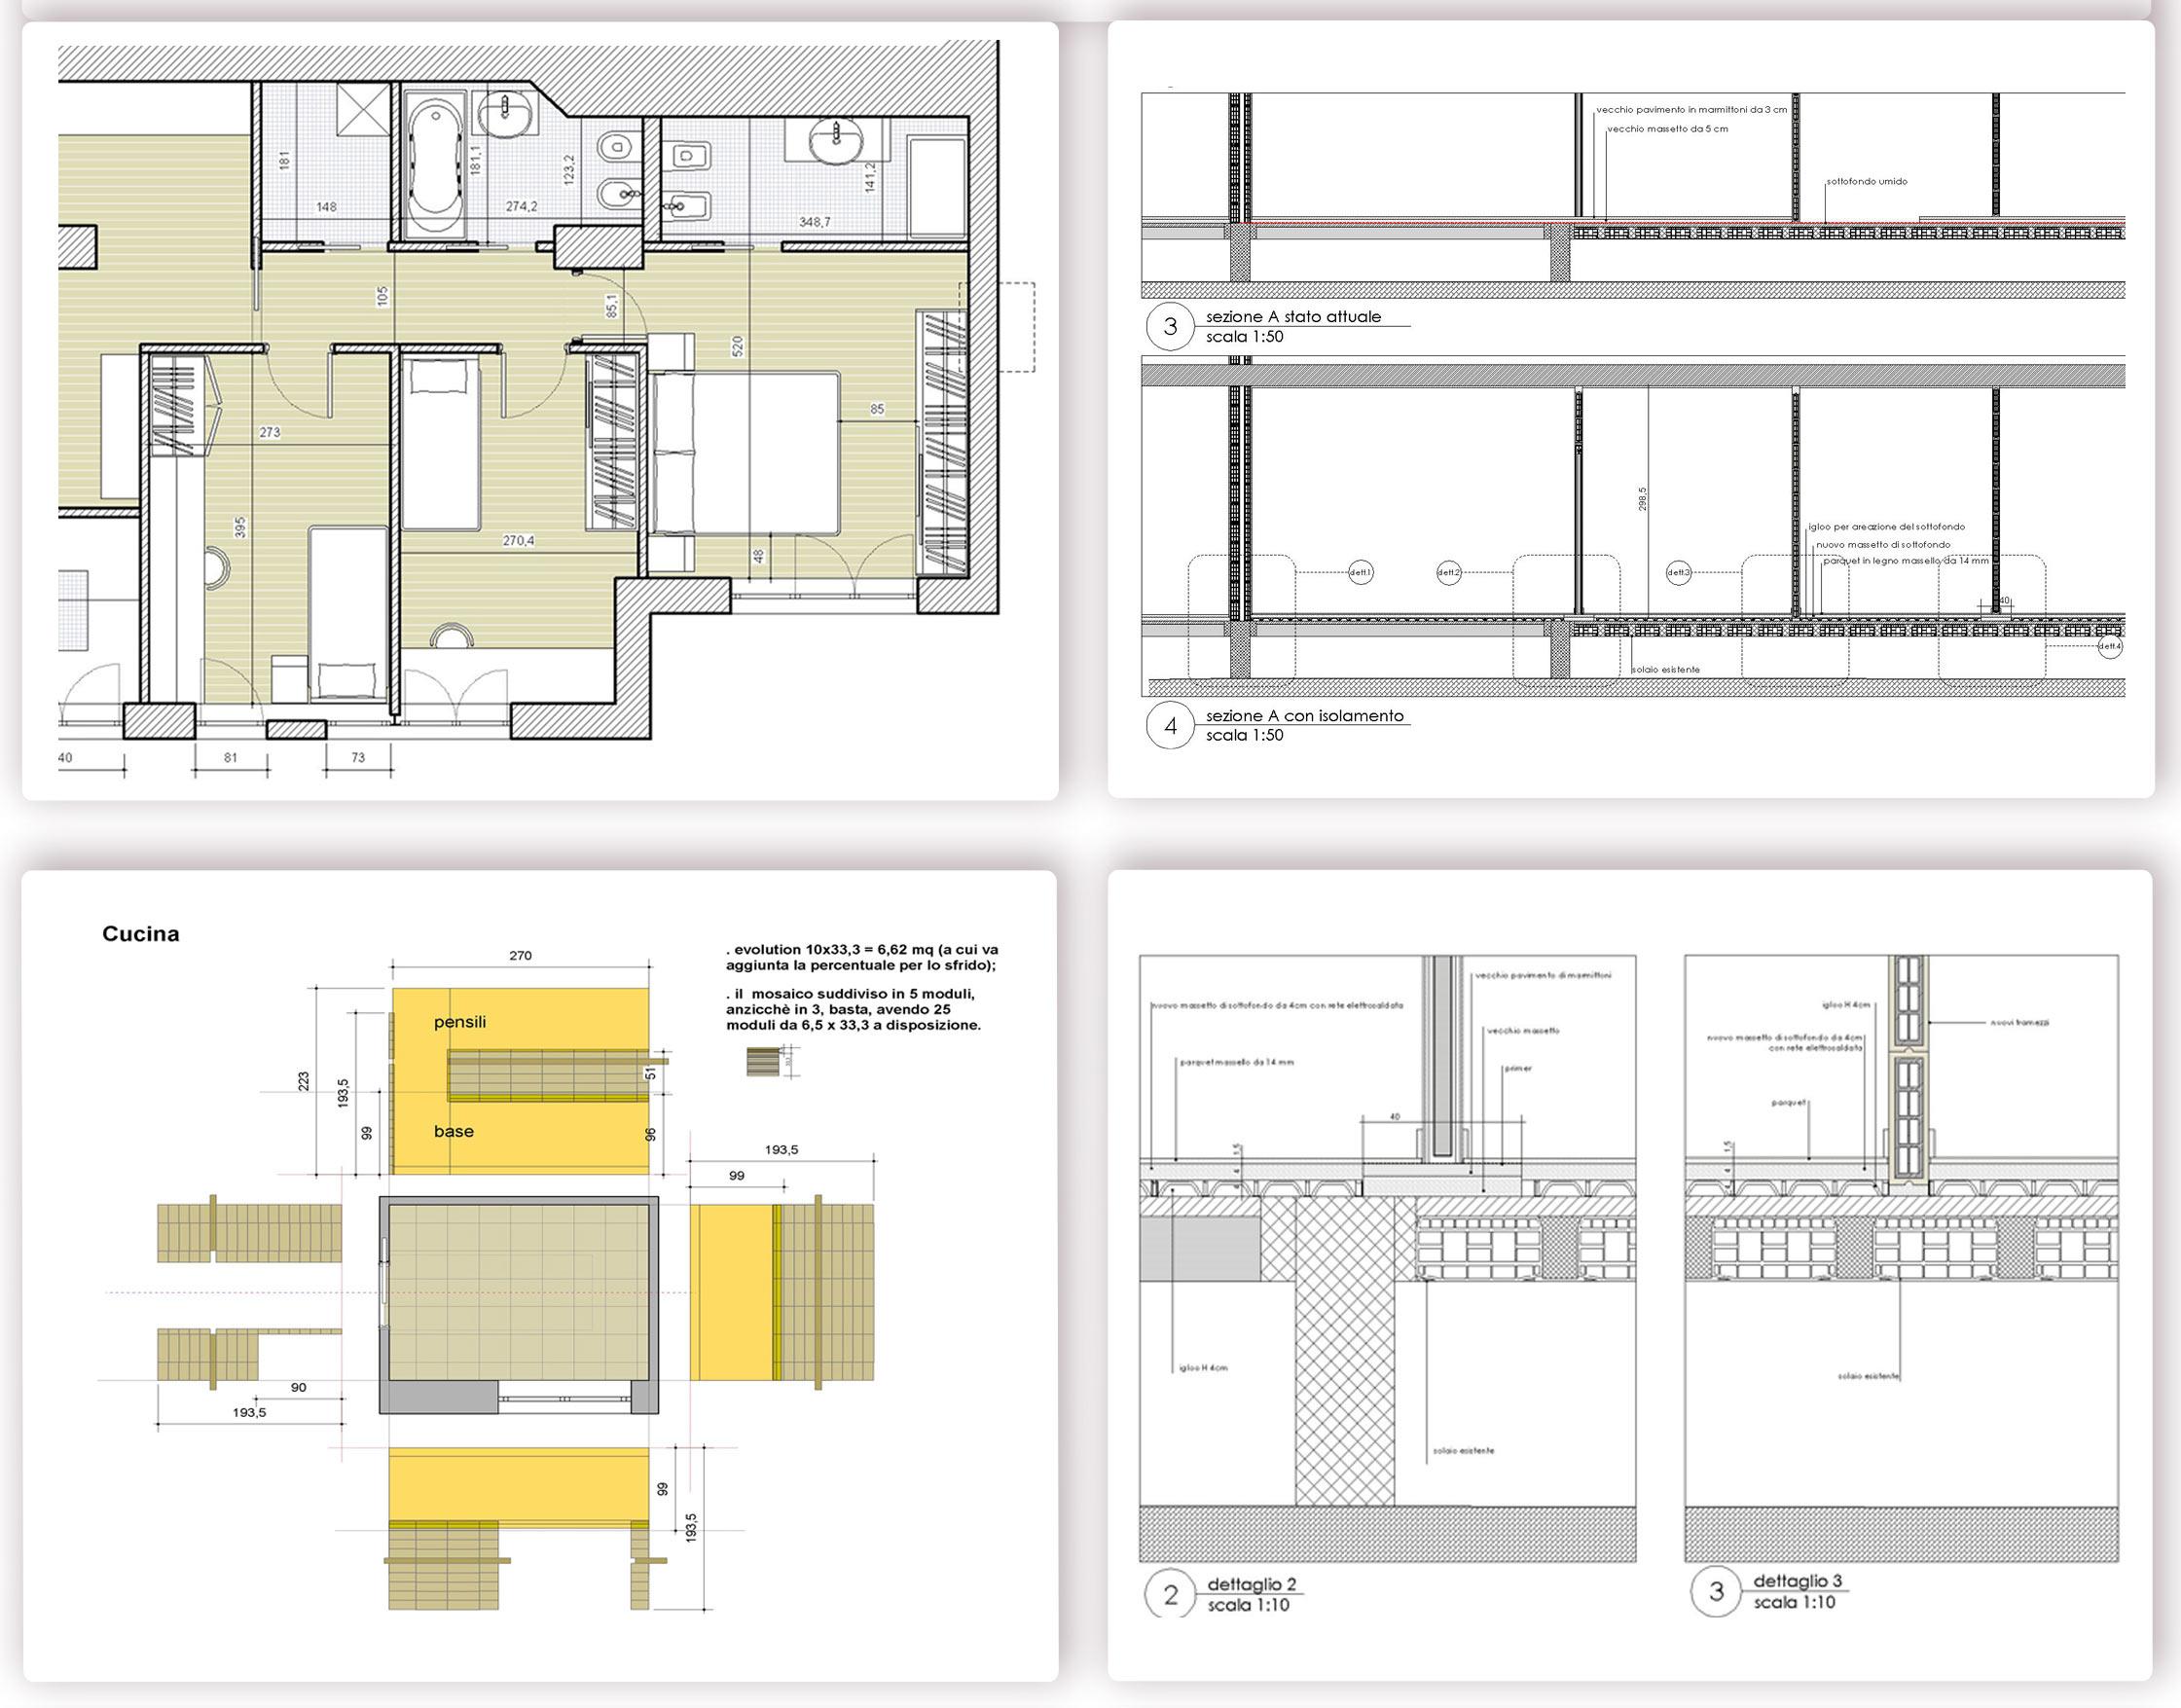 Progettazione interni for Progetti architettura interni